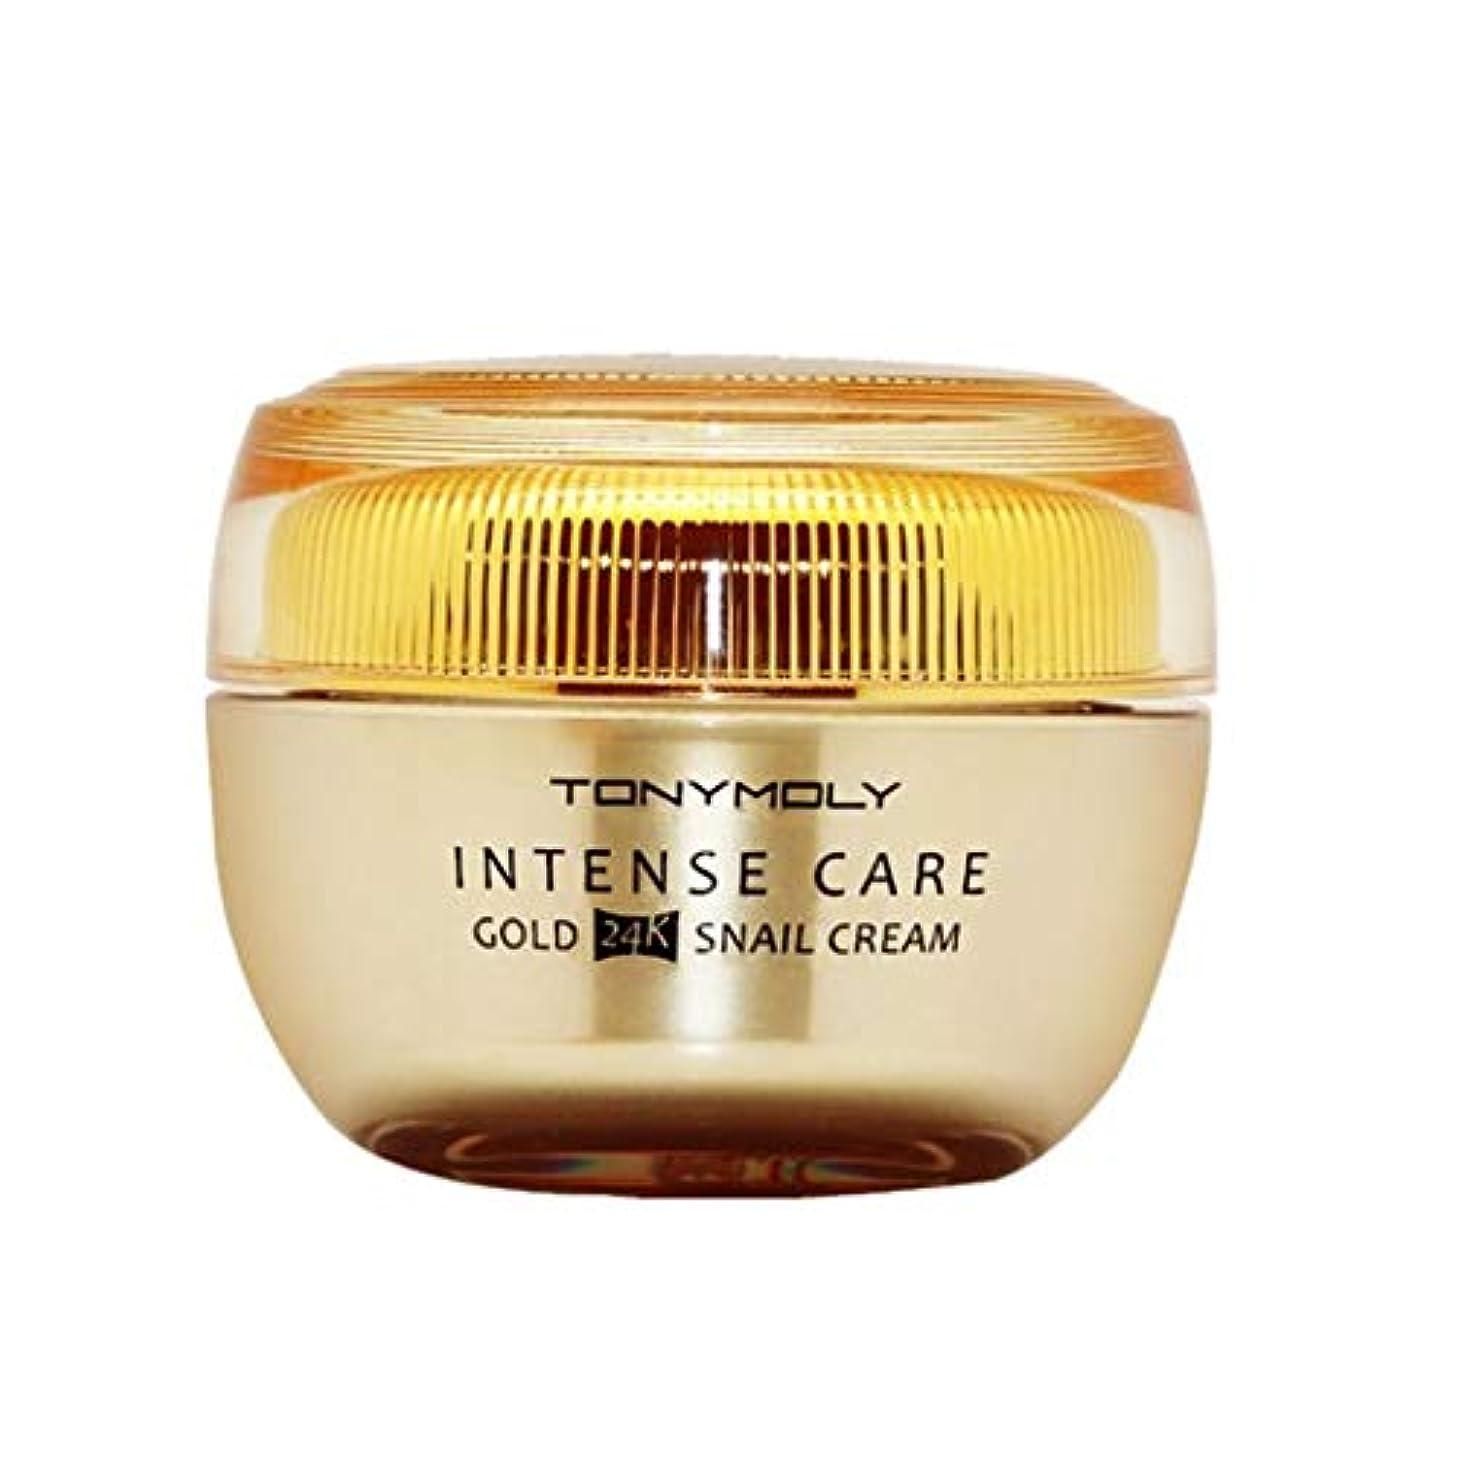 ゴールドライナー食用トニーモリーインテンスケアゴールド24Kスネールクリーム45ml x 2本セット美白、シワ改善クリーム、Tonymoly Intense Care Gold 24K Snail Cream 45ml x 2ea Set...